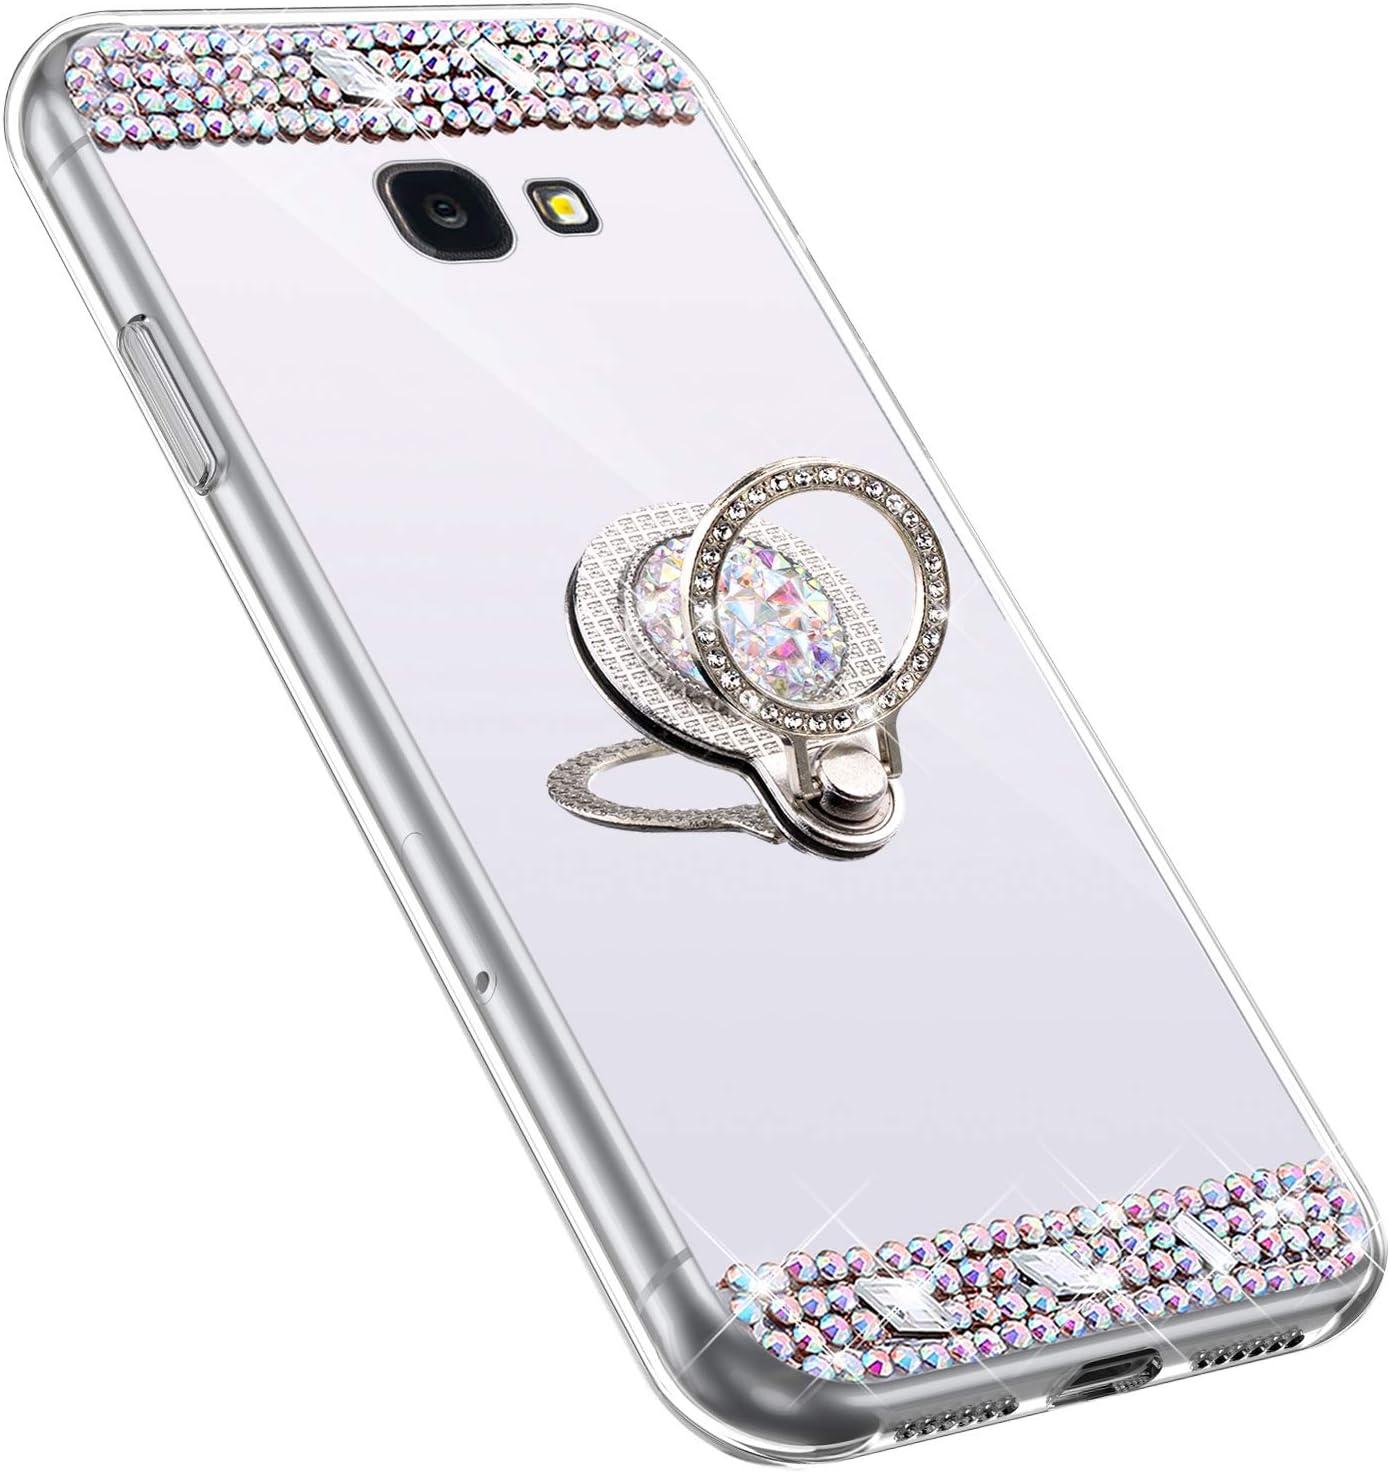 YSIMEE Compatibile Cover Samsung Galaxy J4 Plus 2018 Custodie Brillantini Glitter Diamante Specchio in TPU Silicone Antiurto Anti-Graffio Ultra Sottile Morbida Bumper Mirror Case con Anello,Oro Rosa